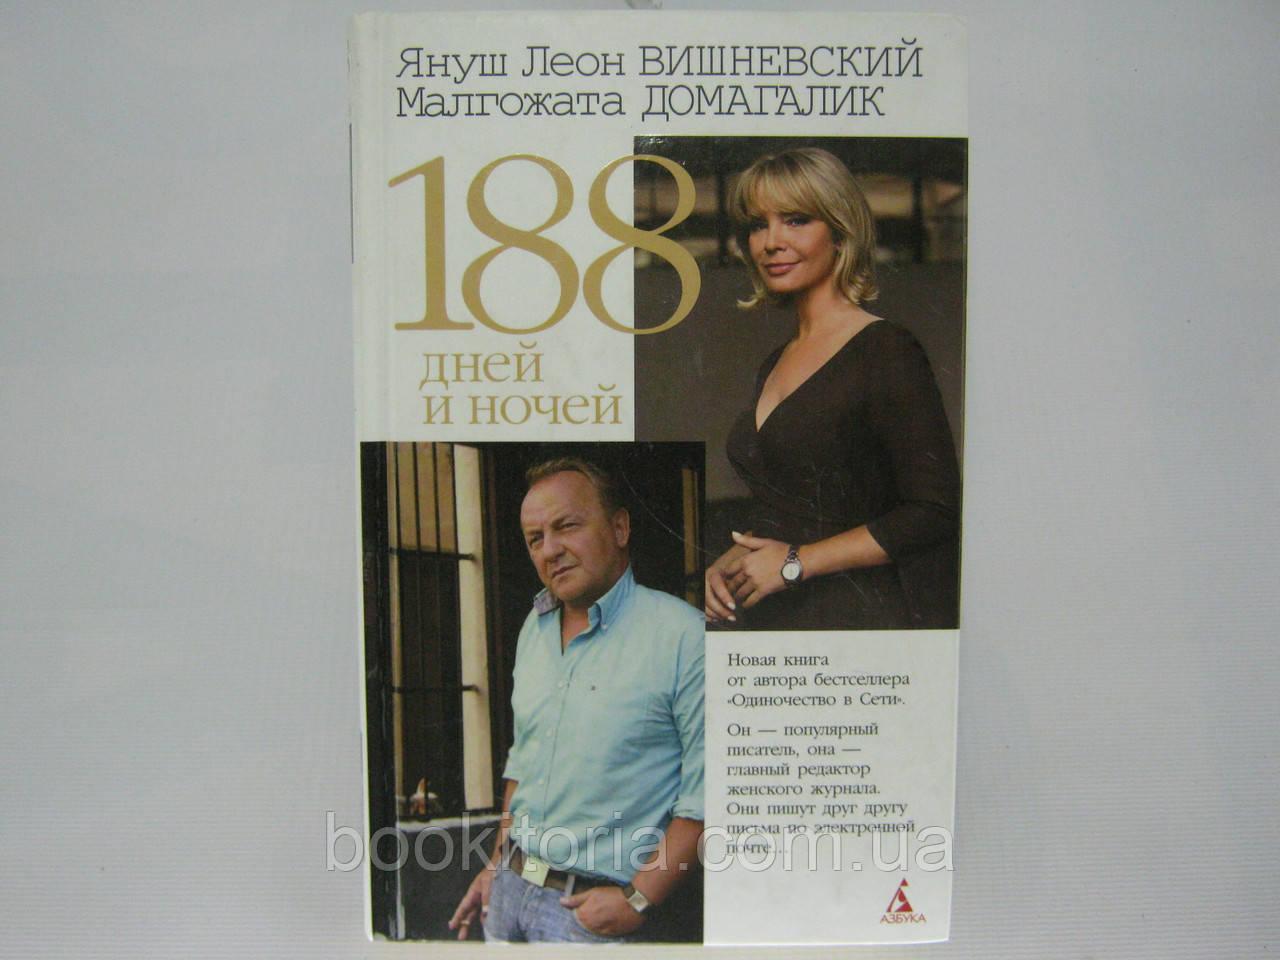 Вишневский Я.Л., Домагалик М. 188 дней и ночей (б/у).